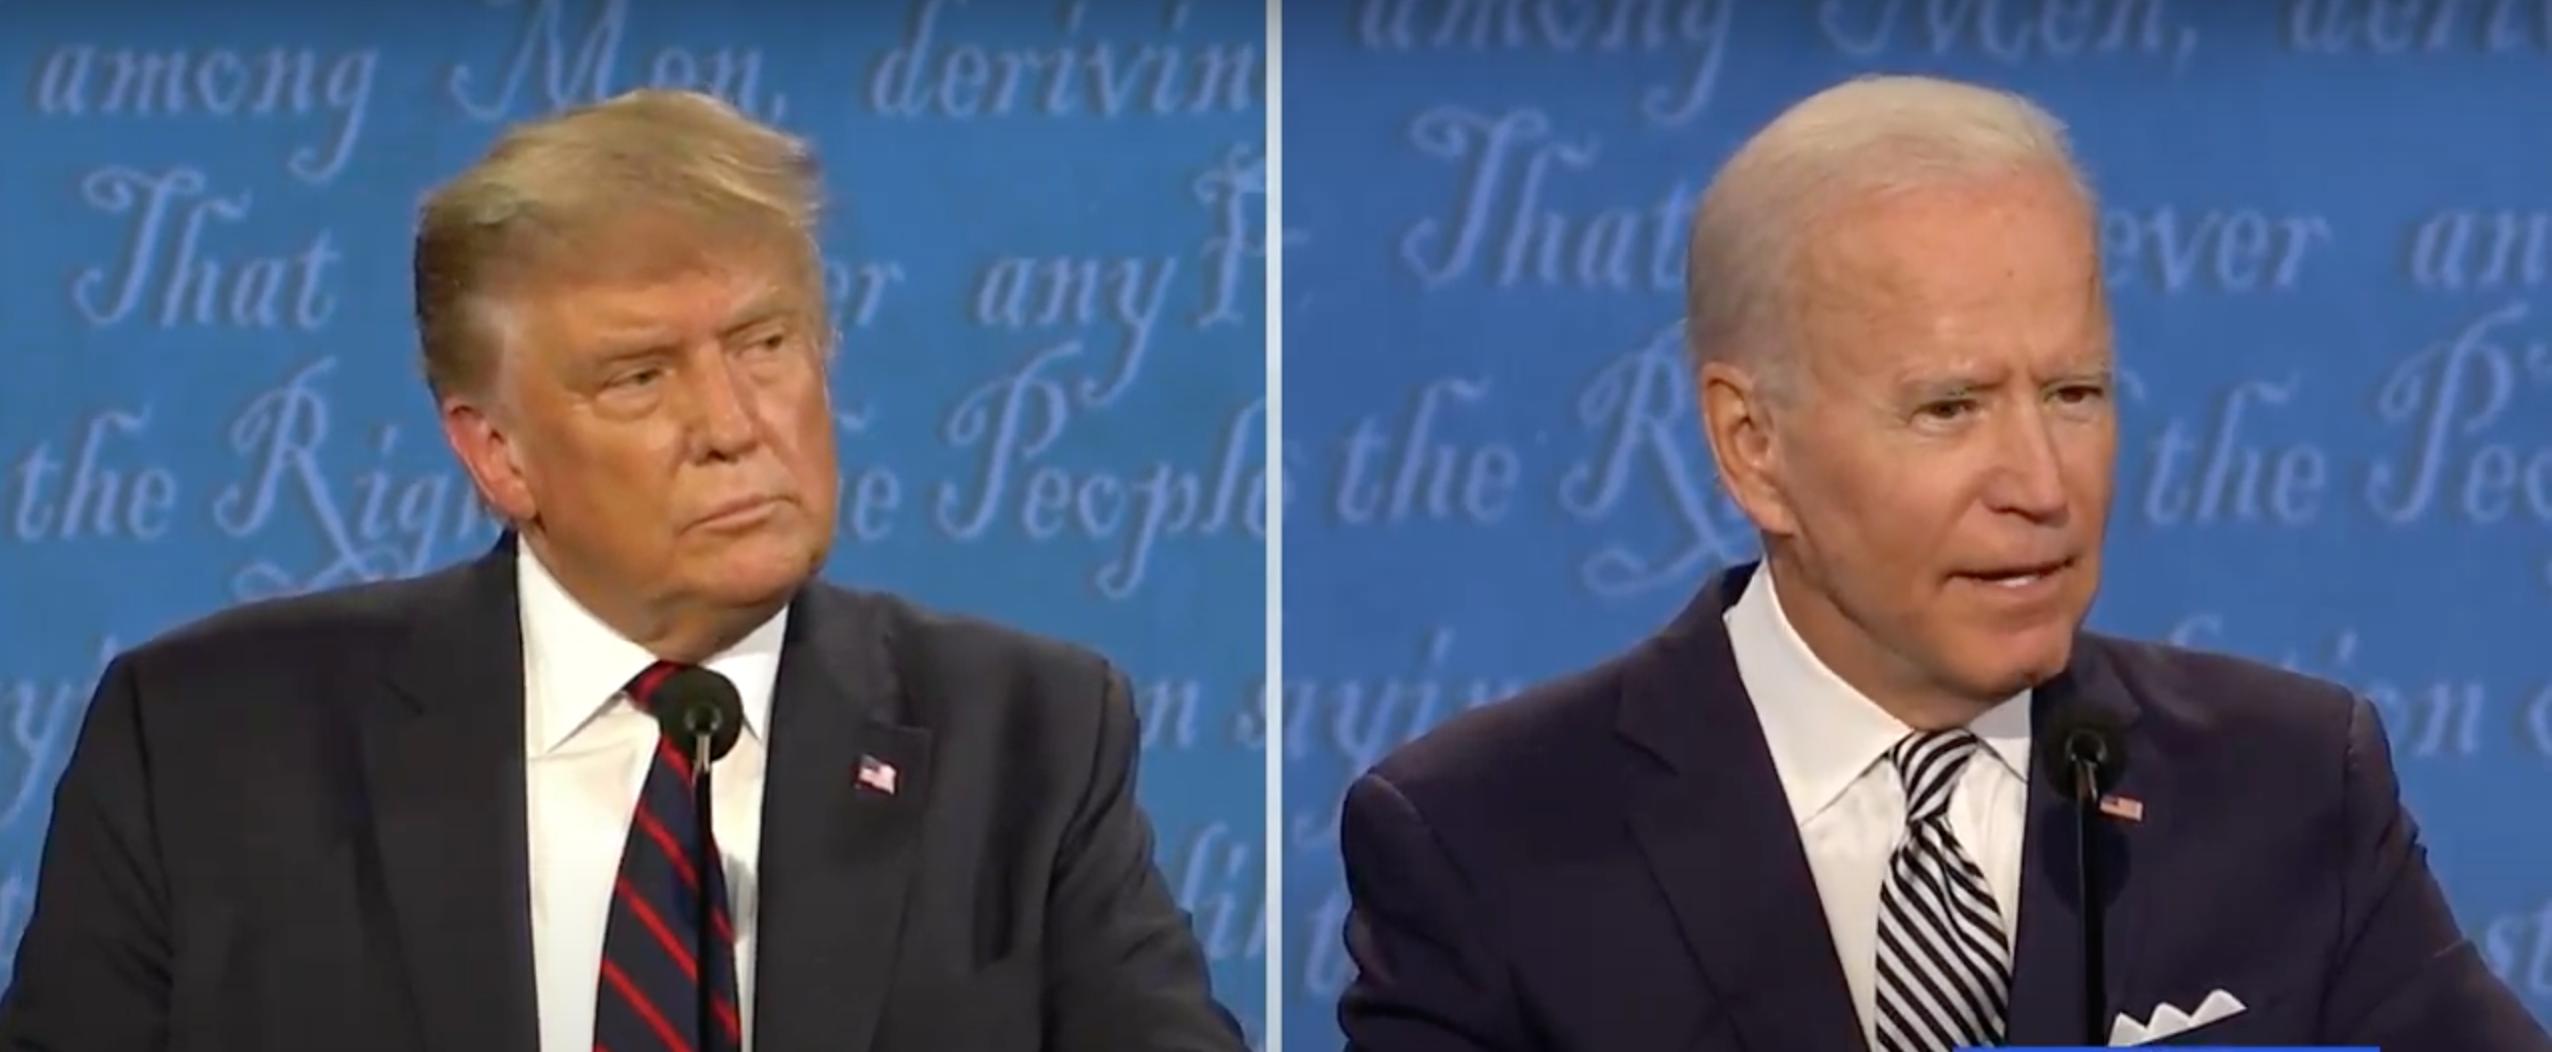 6 frases que definieron el primer debate entre Trump y Biden